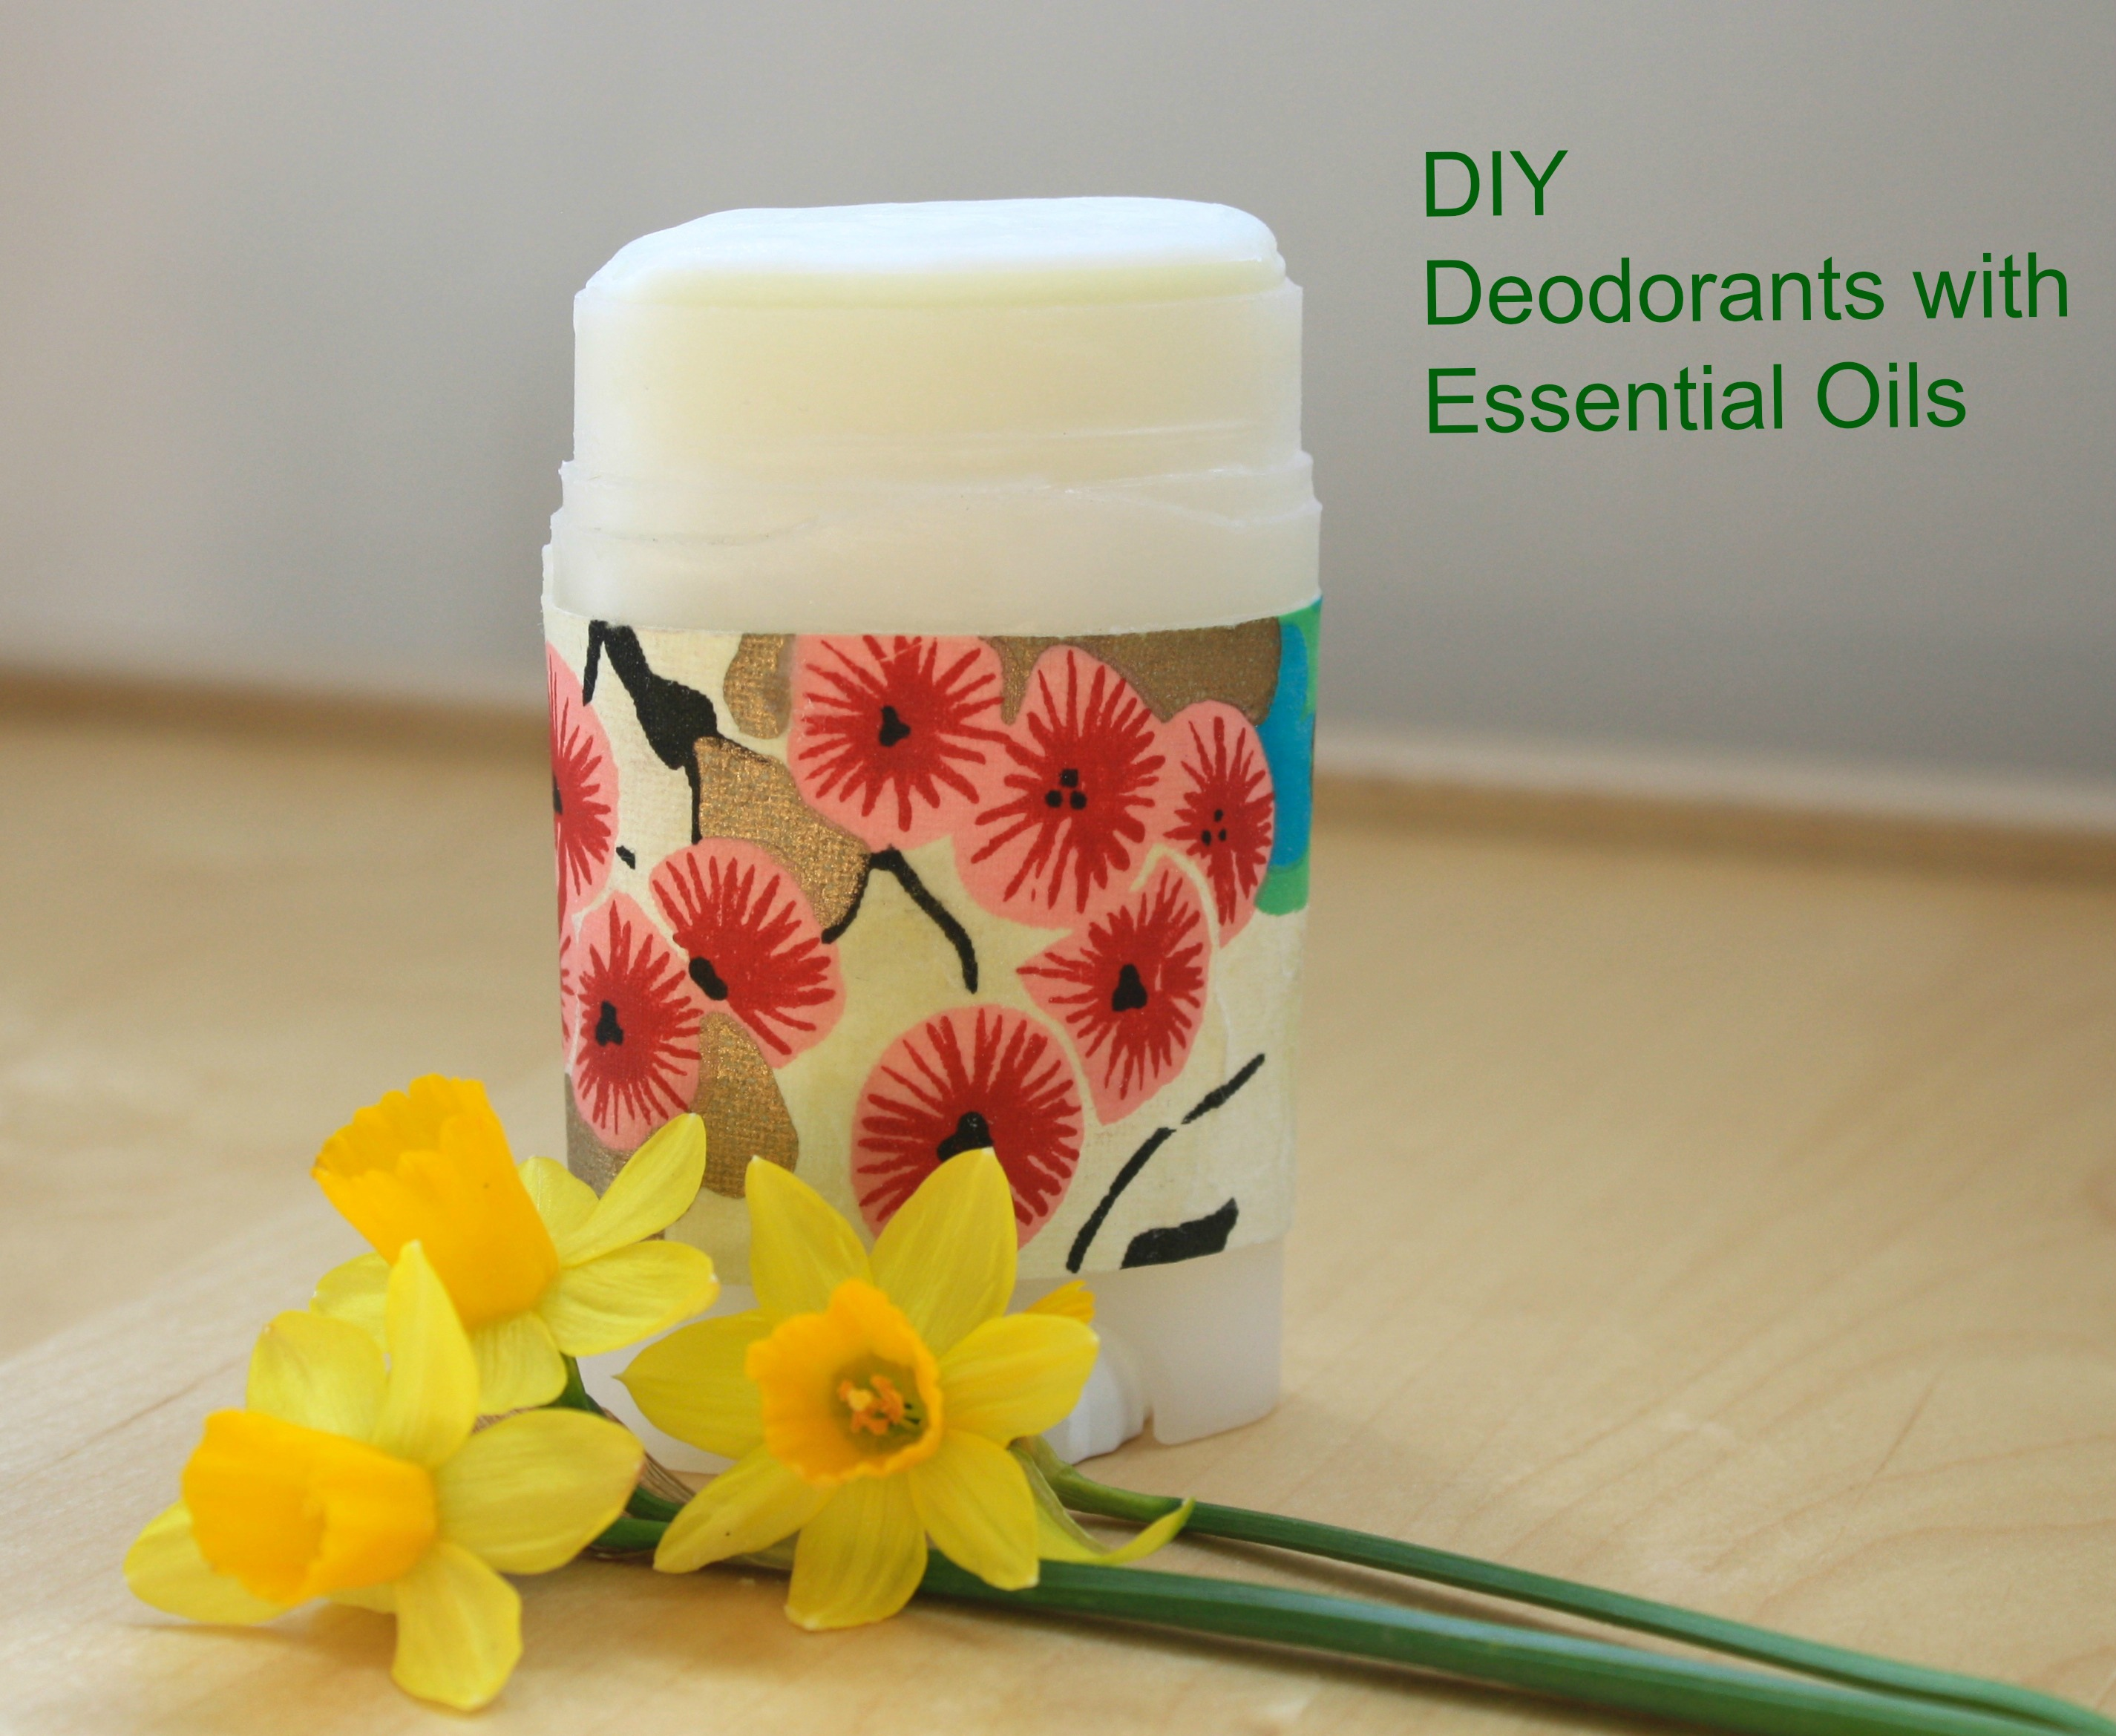 6 DIY Essential Oil Deodorant Recipes